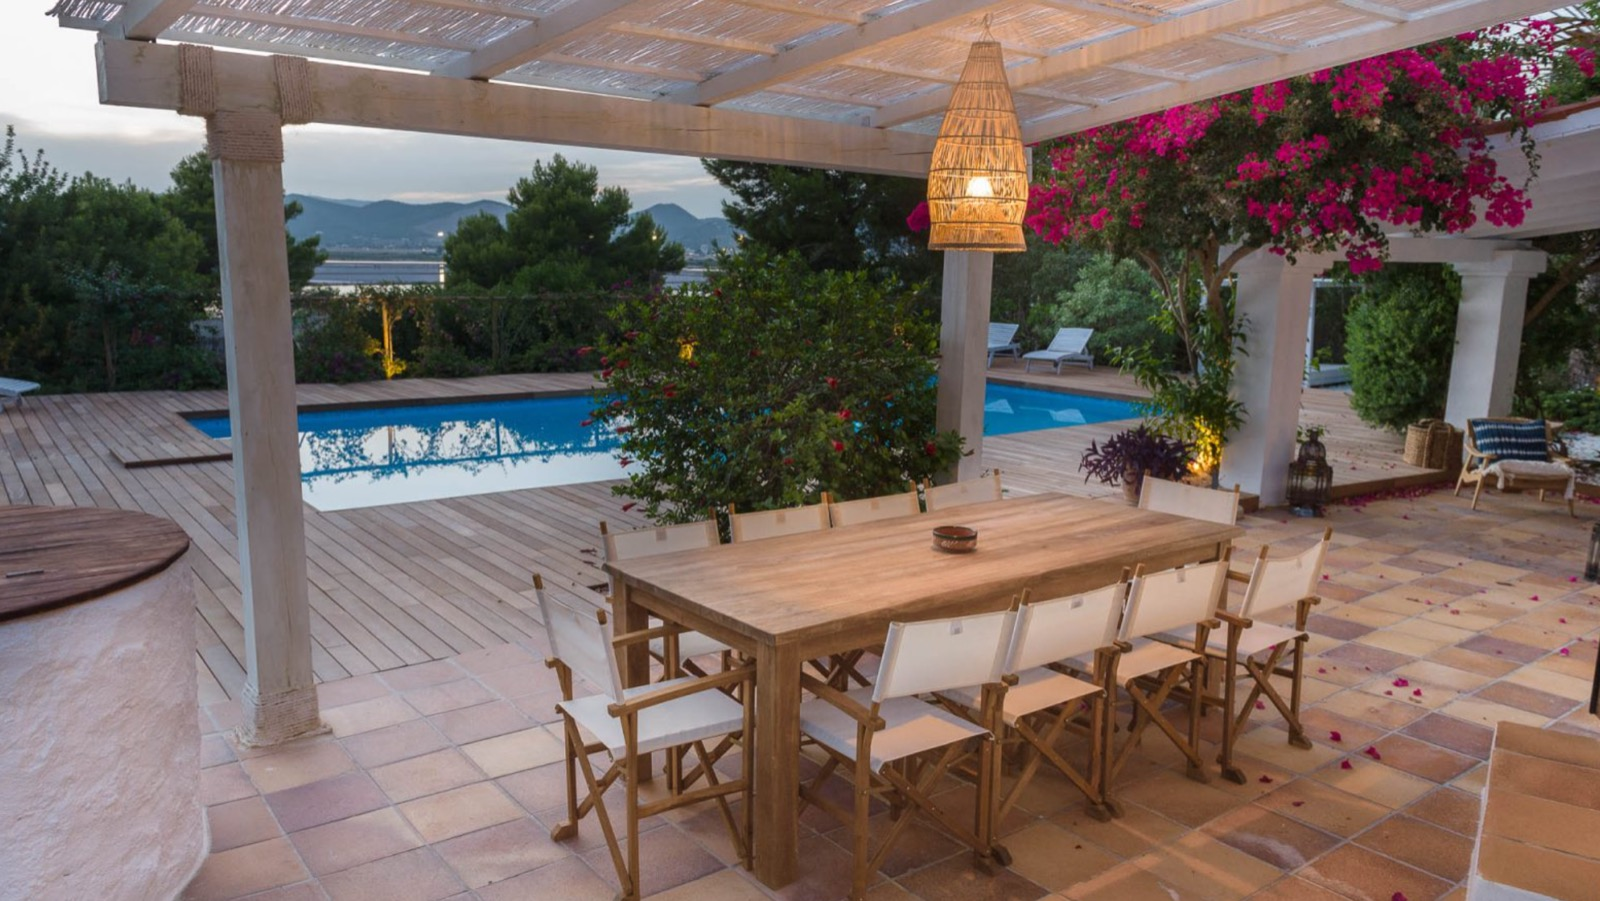 425 villa la salinas iangella ex nuriabea86ca2-83ea-462c-b593-d03150b1ee7e